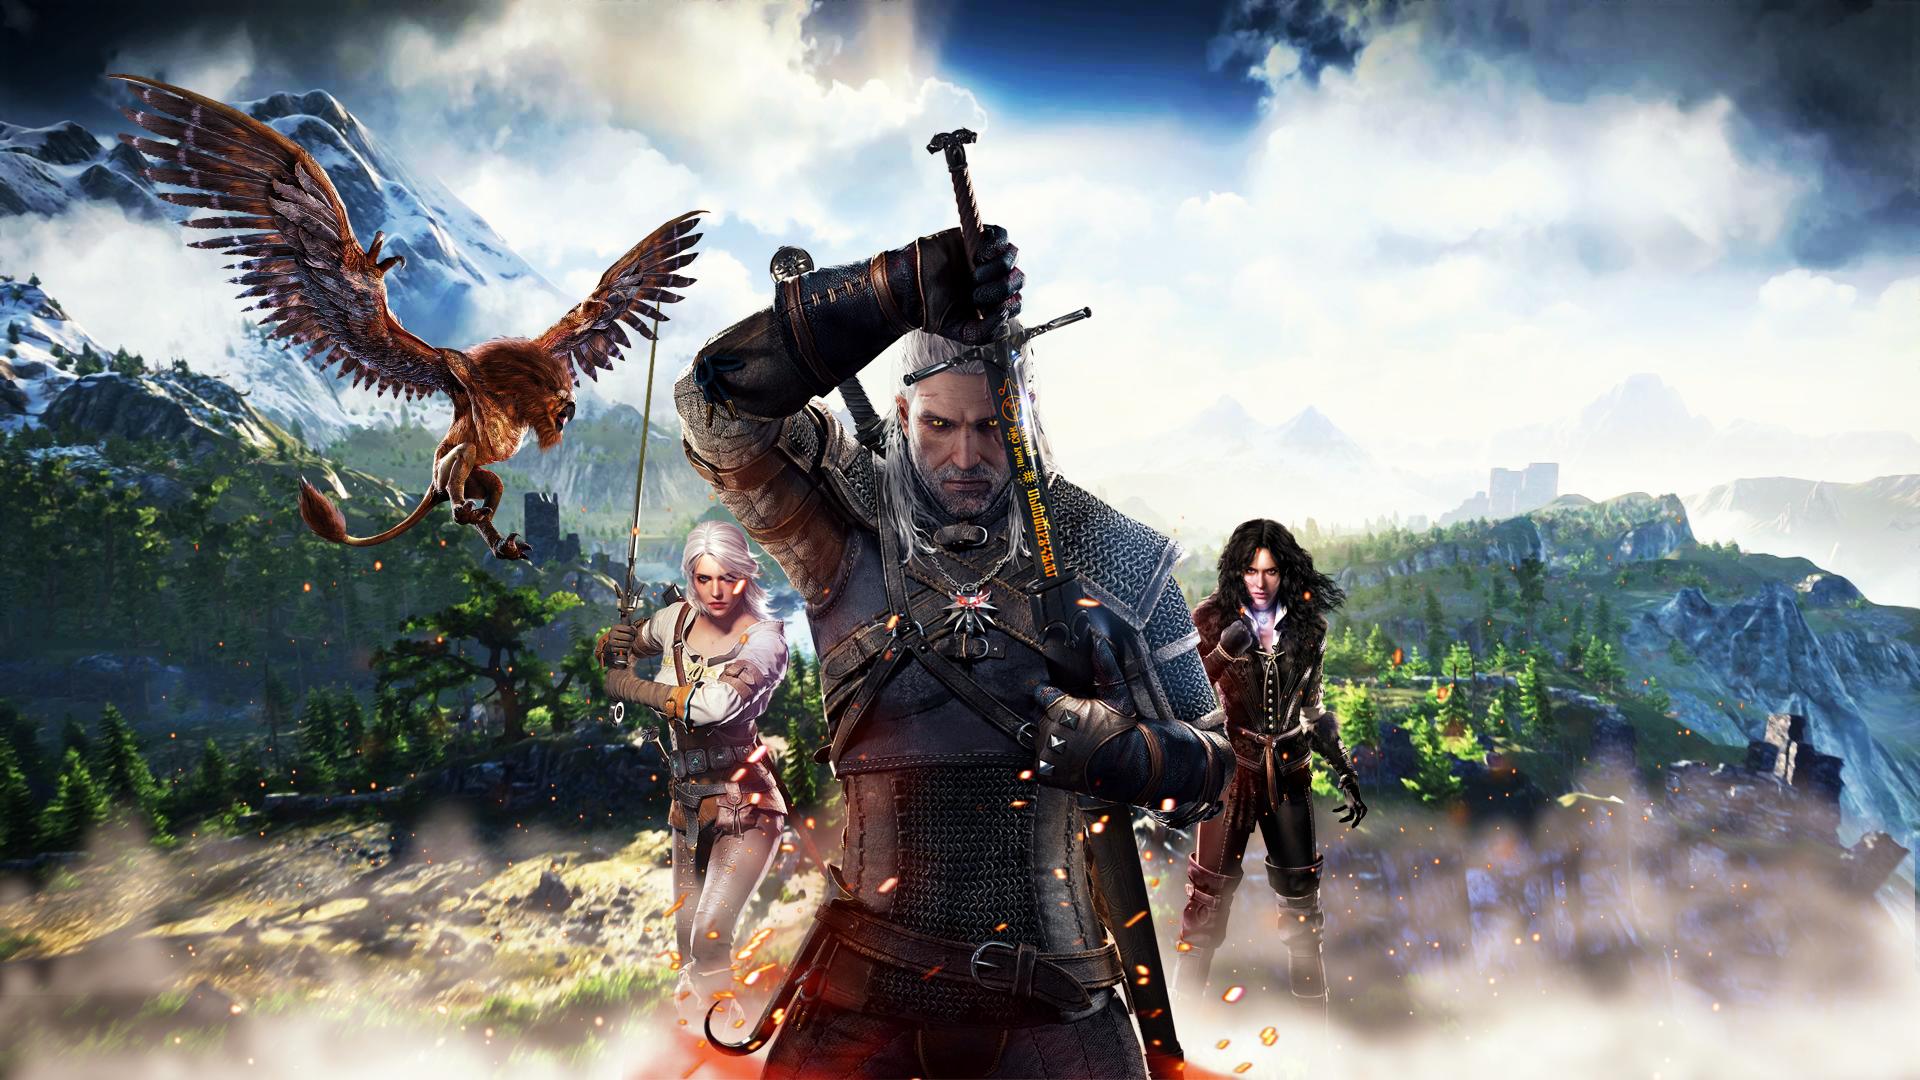 game informer coloca the witcher 3 como o melhor jogo da